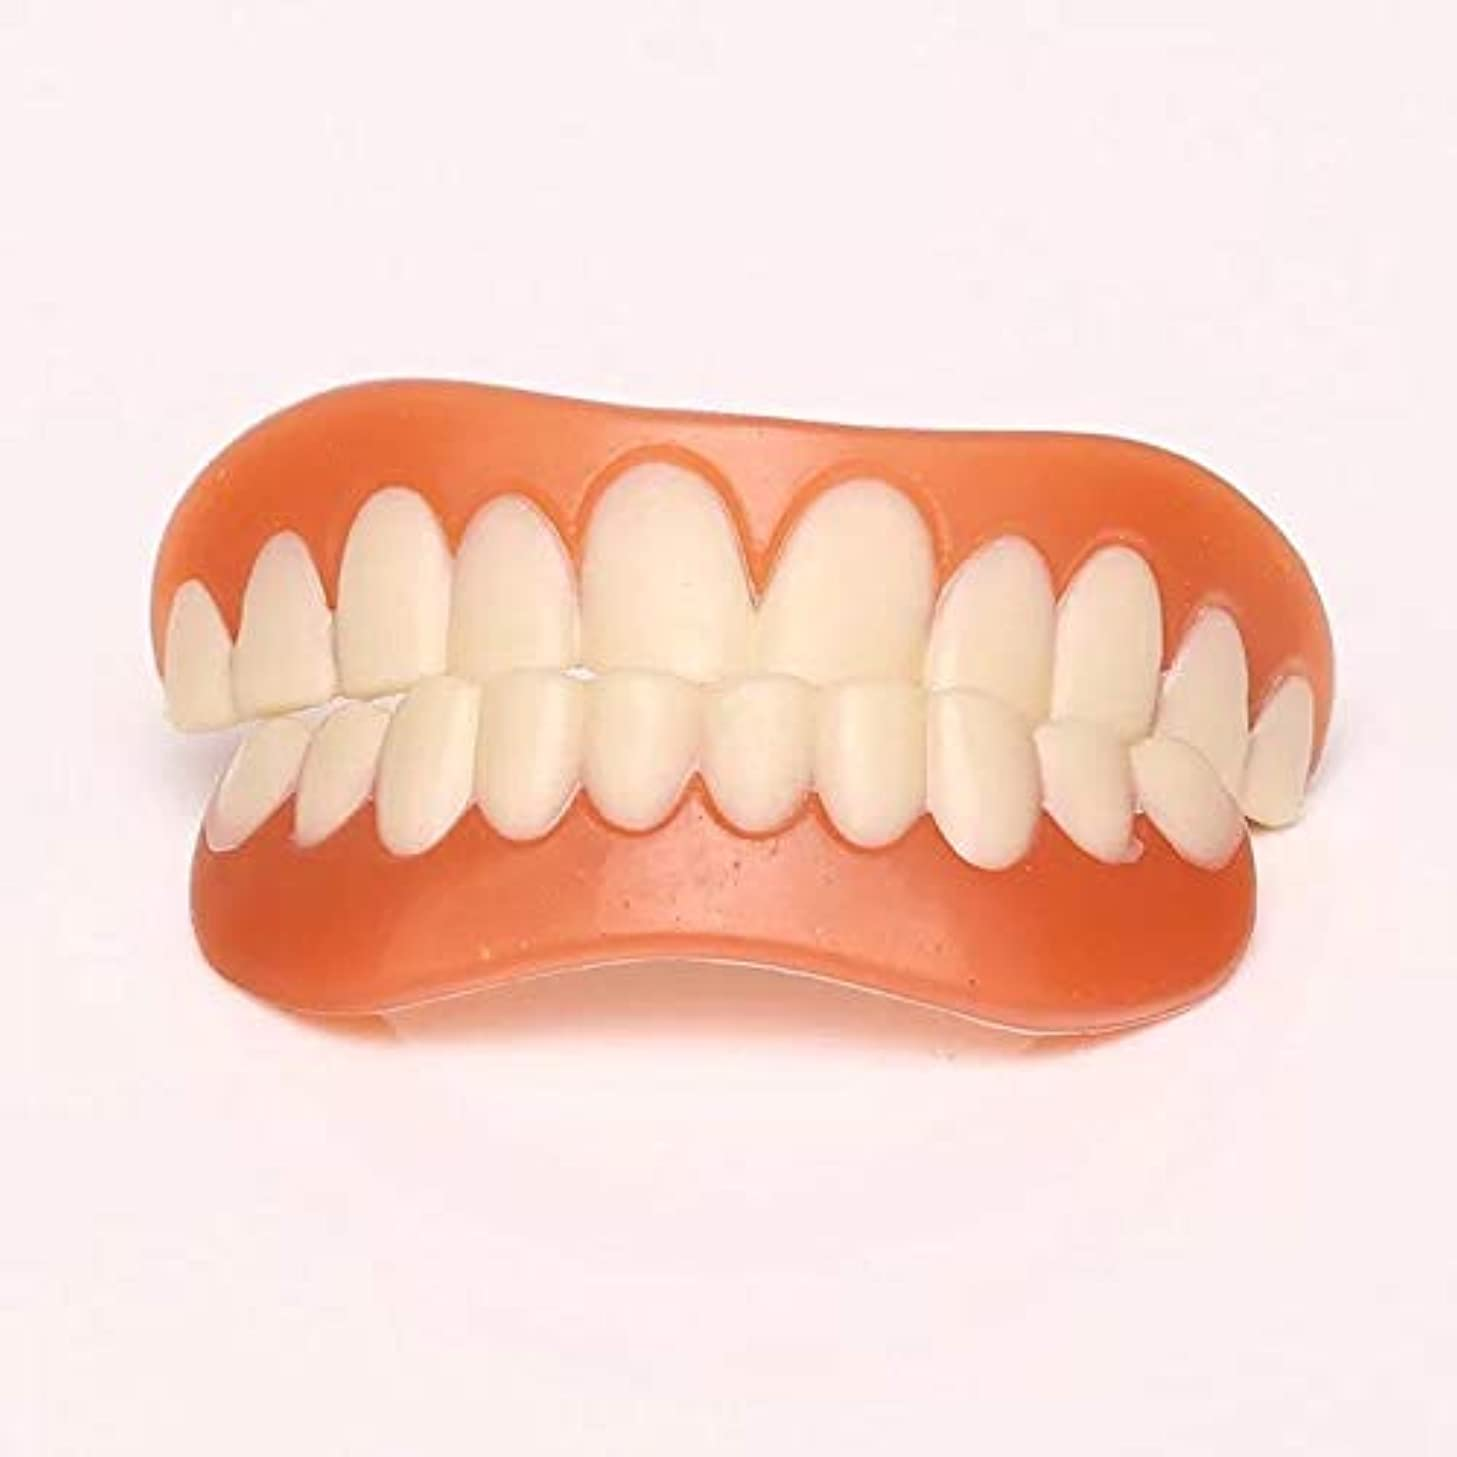 後方債務平等シリコーンシミュレーション歯の義歯スリーブ、上下列ホワイトニング歯ステッカー(1セット),A